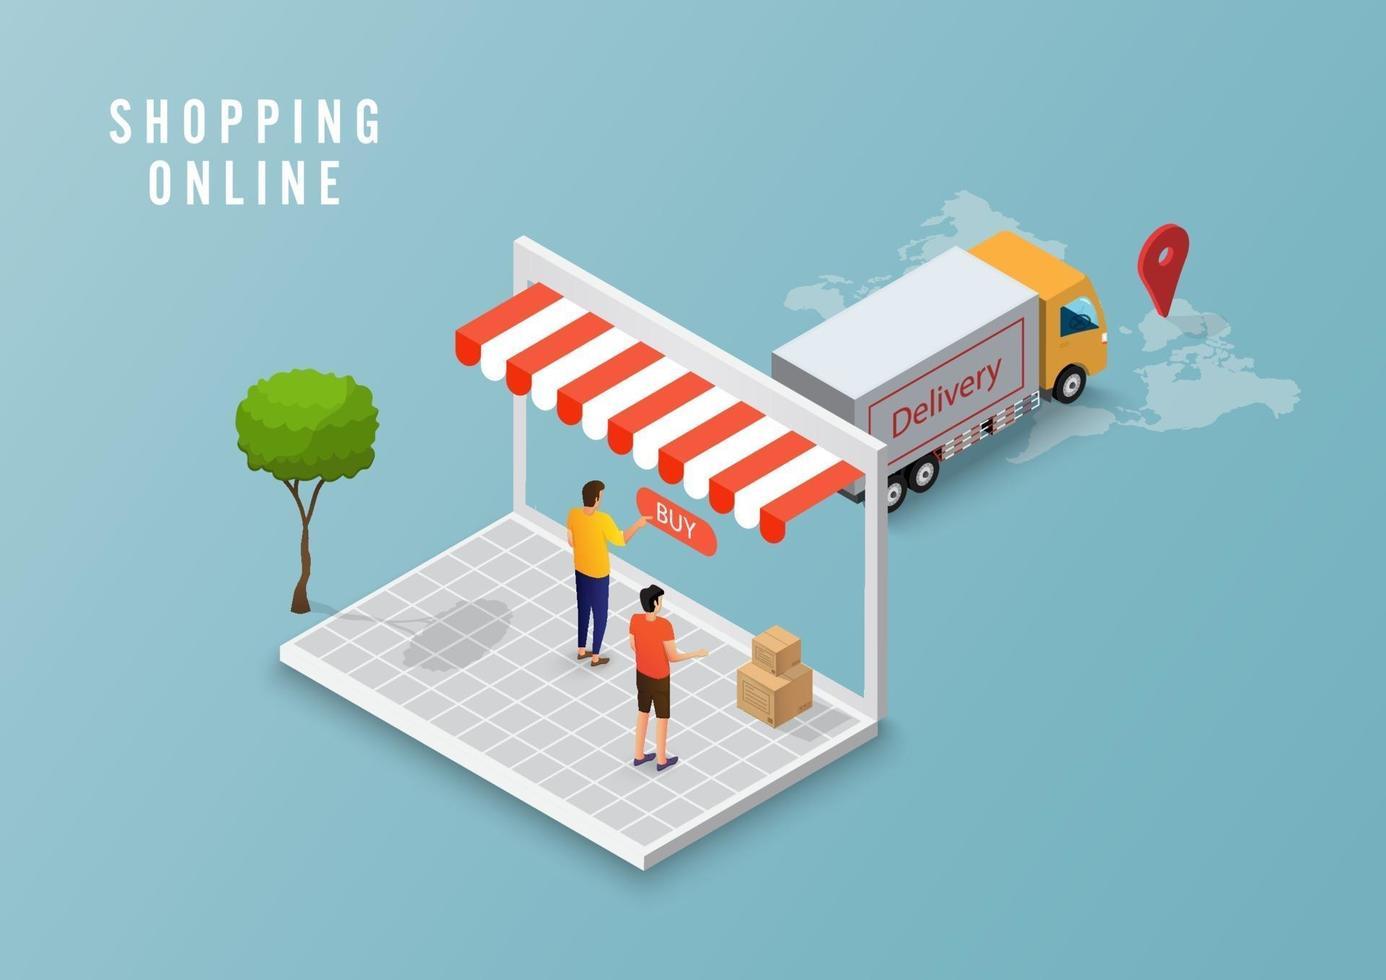 online leverans servicekoncept, online beställningsspårning, logistik leverans hem och kontor på dator. vektor illustration